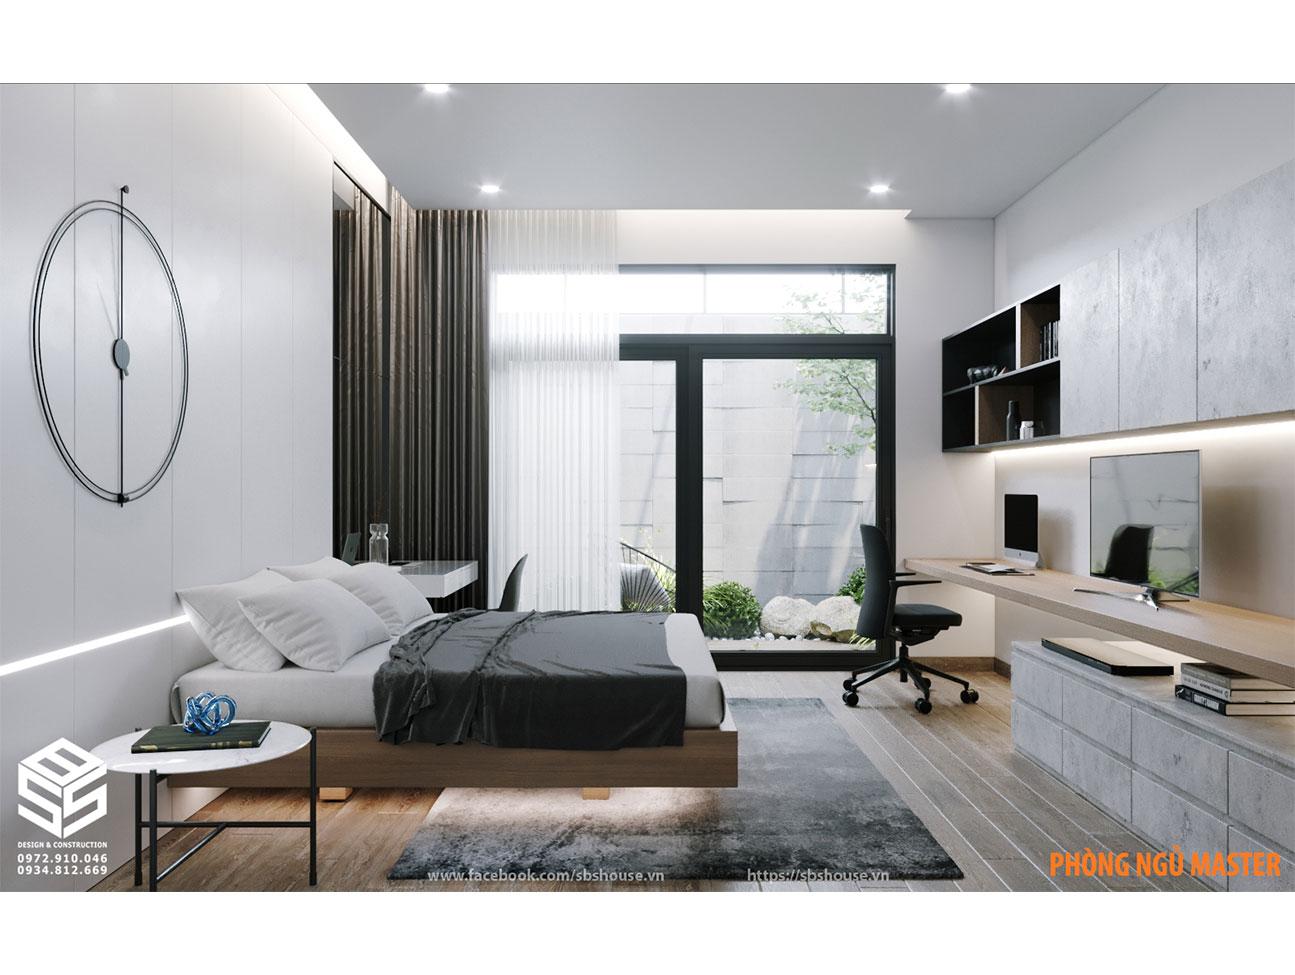 Mẫu thiết kế phòng ngủ thoáng